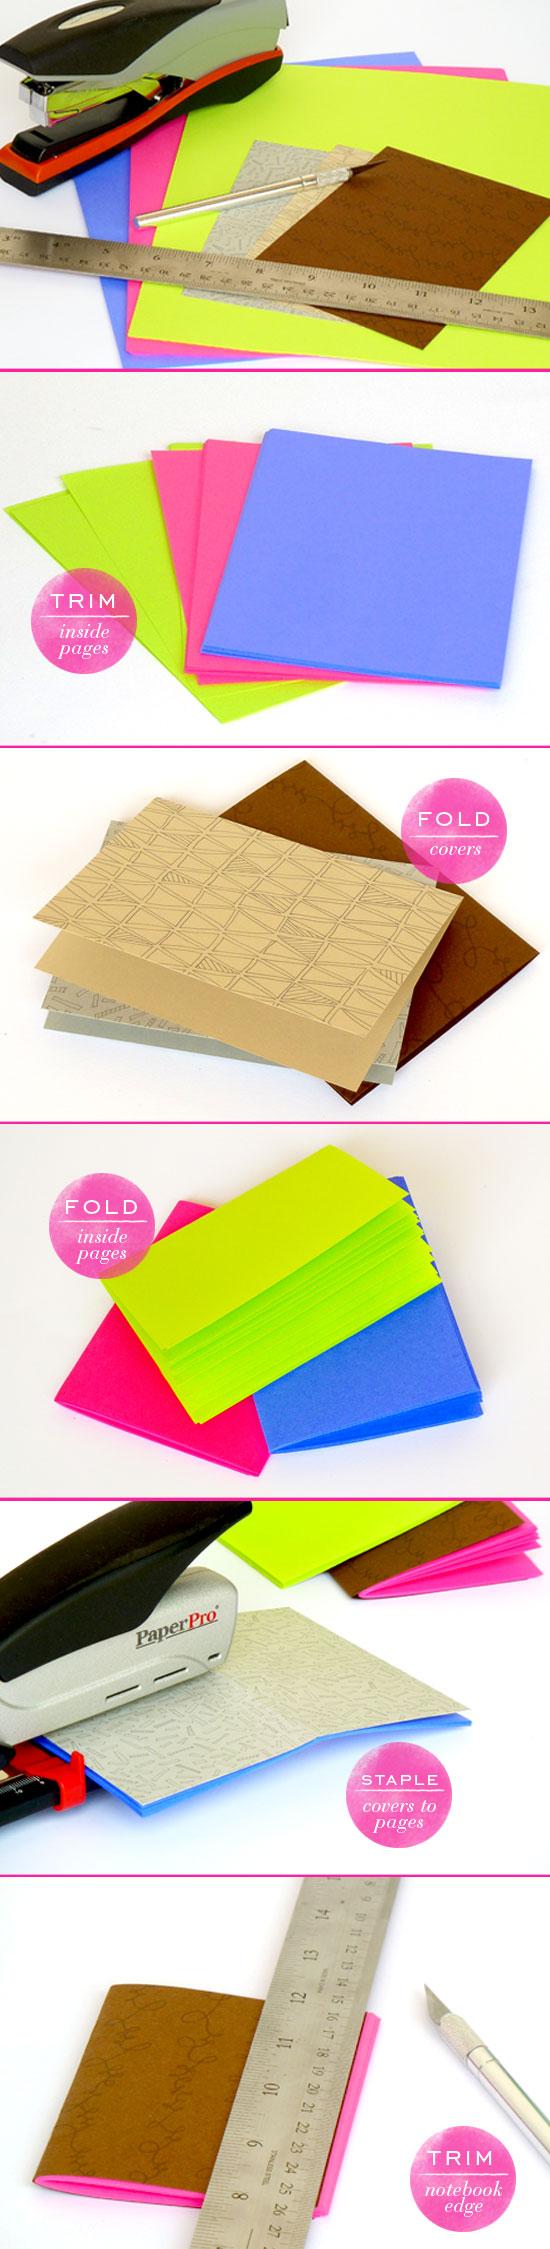 Neon_pop_notebook_instructions